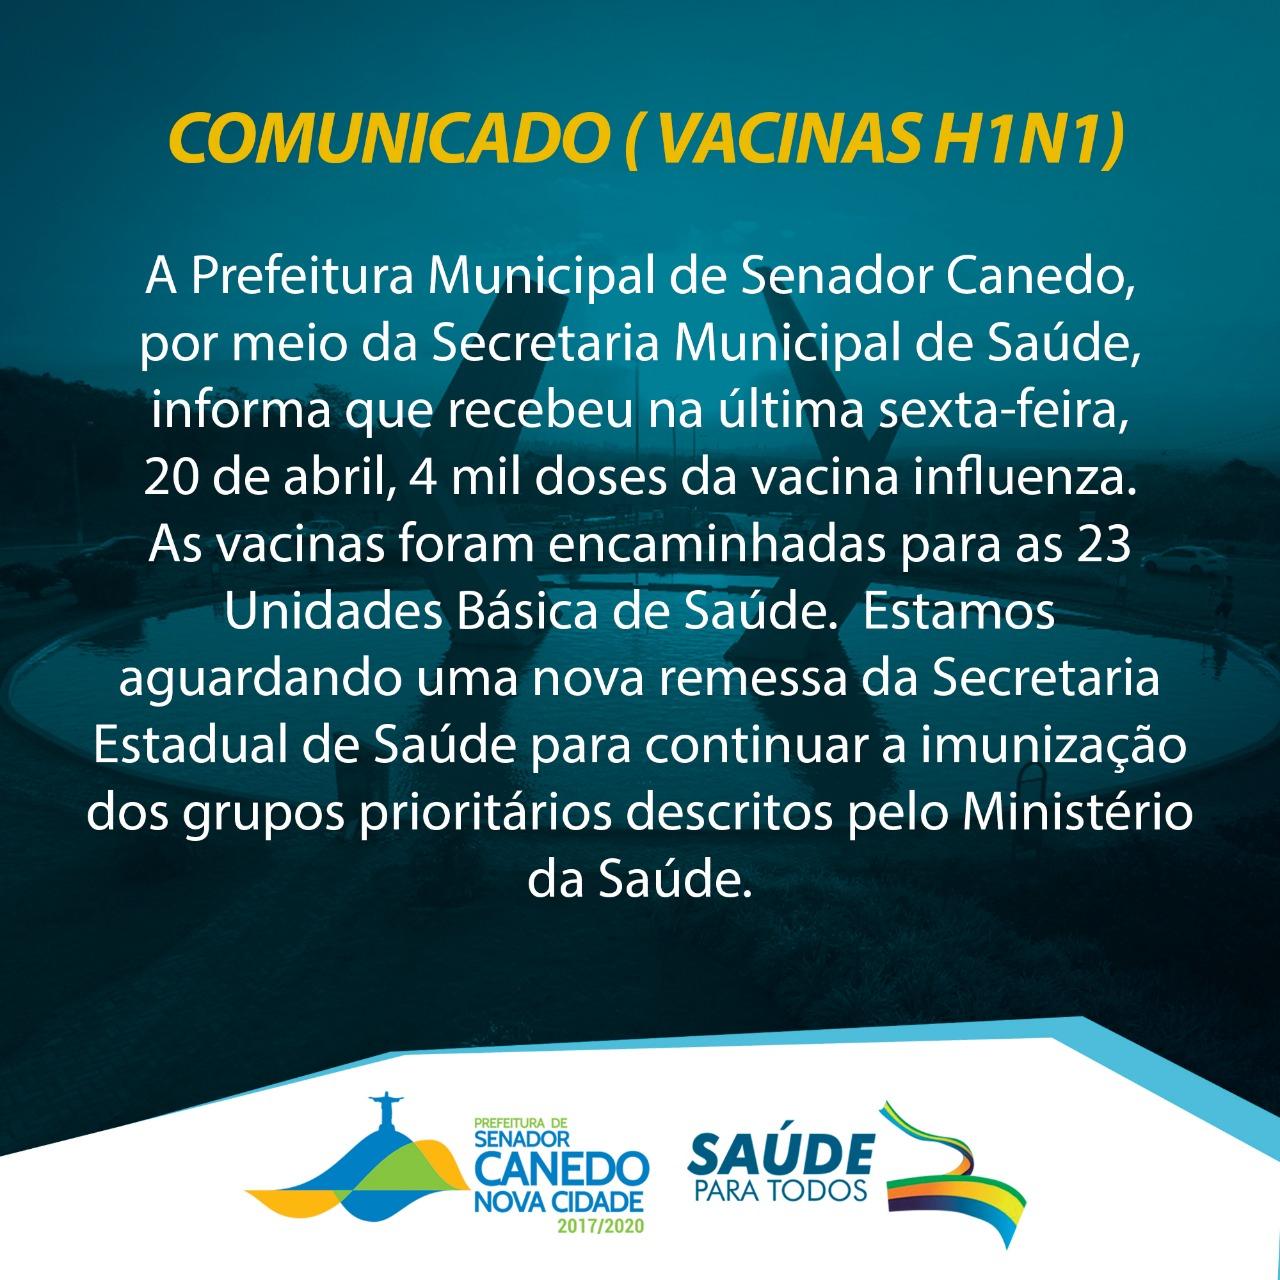 IMPORTANTE: VACINAS H1N1